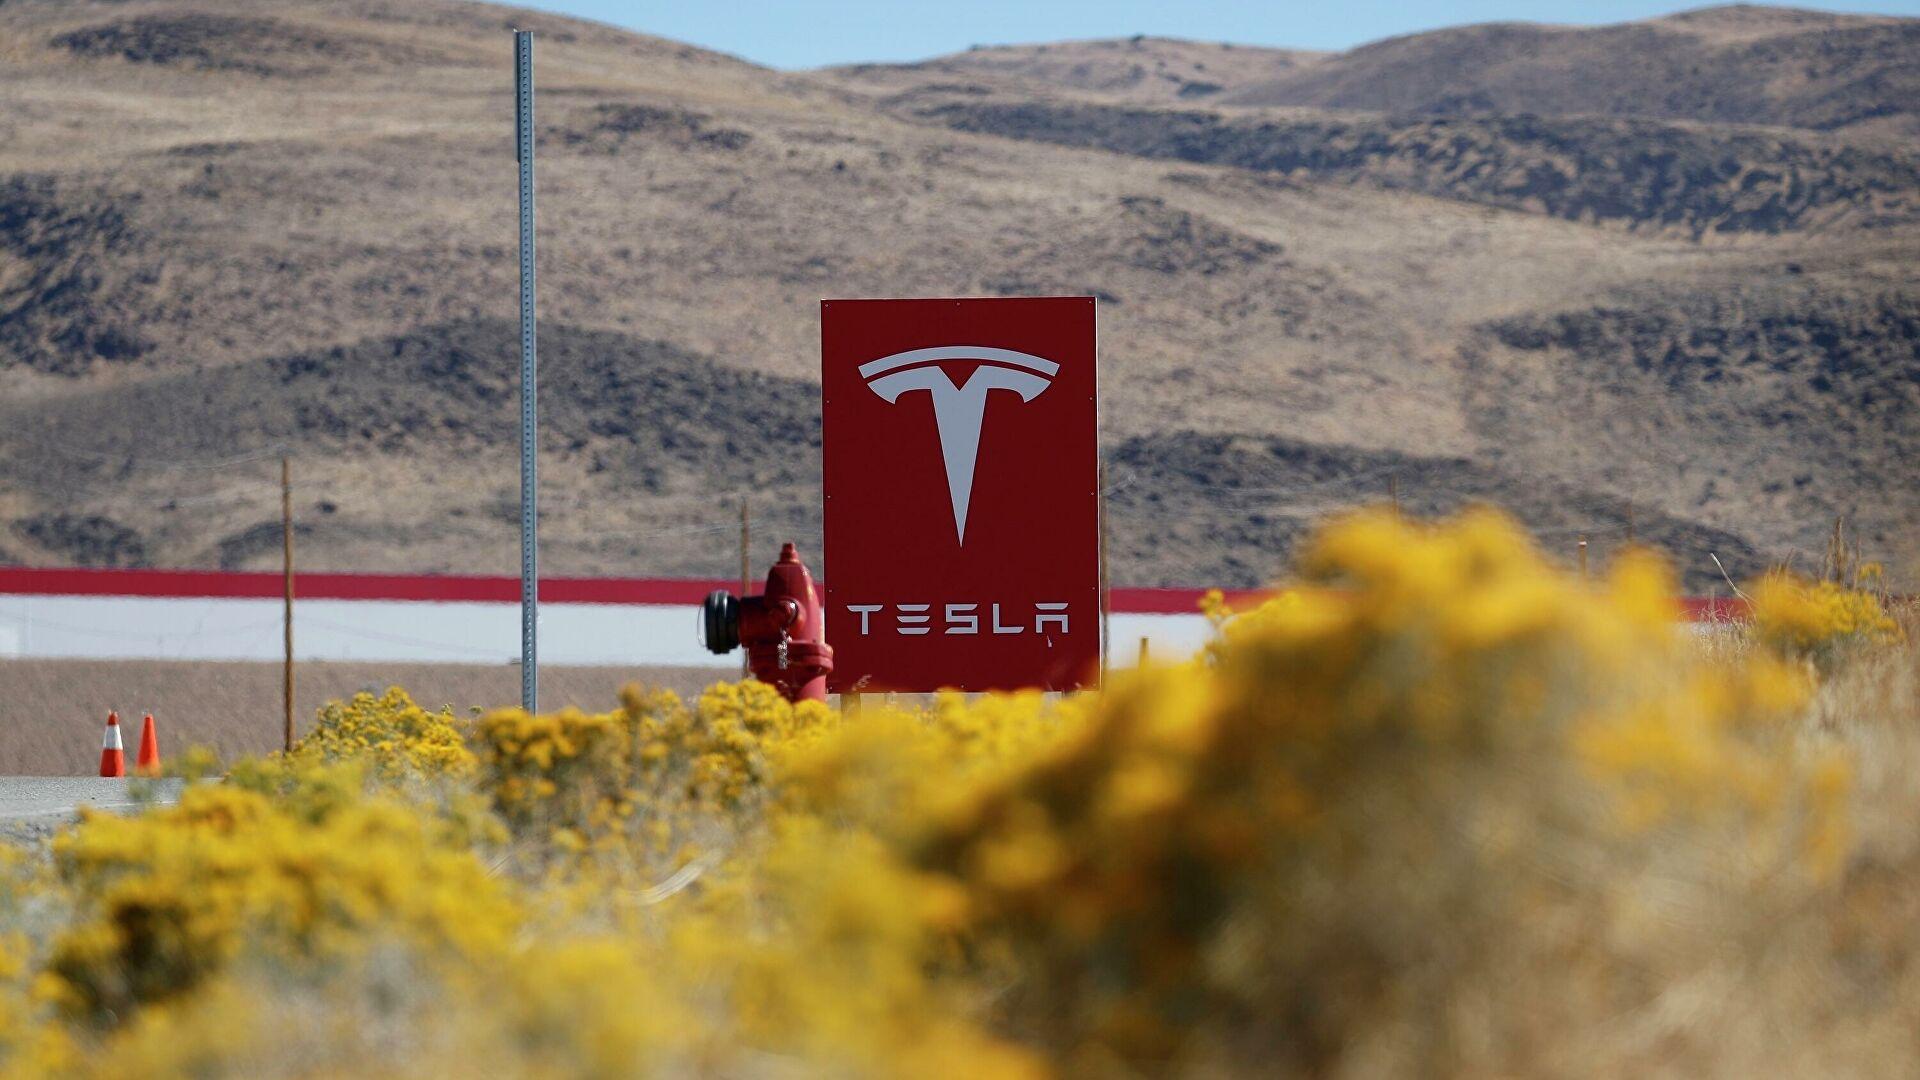 Tesla's Gigafactory Nevada